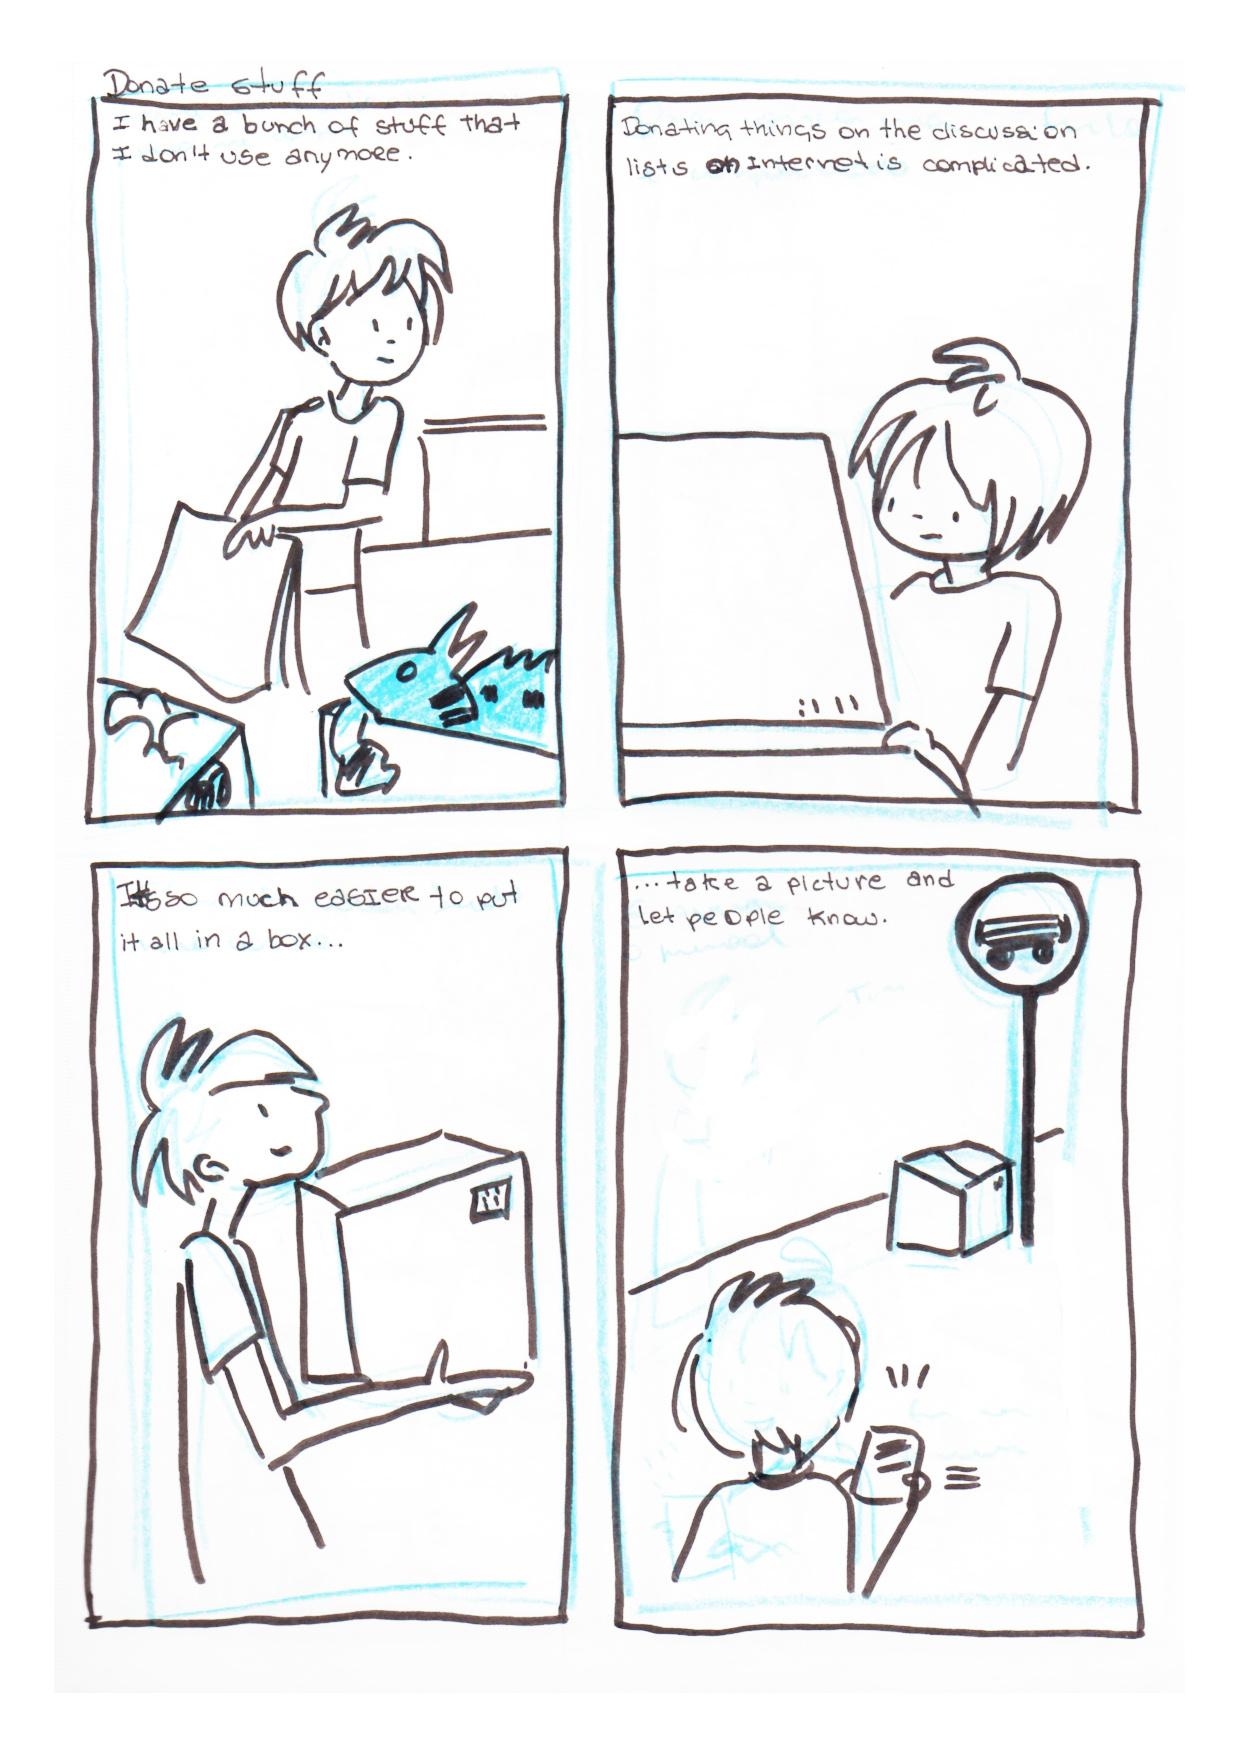 Storyboard2a - pessoa cheia de coisas nnao sabe para quem doar. Coloca tudo numa caixa e avisa as pessoas pelo app onde pegar